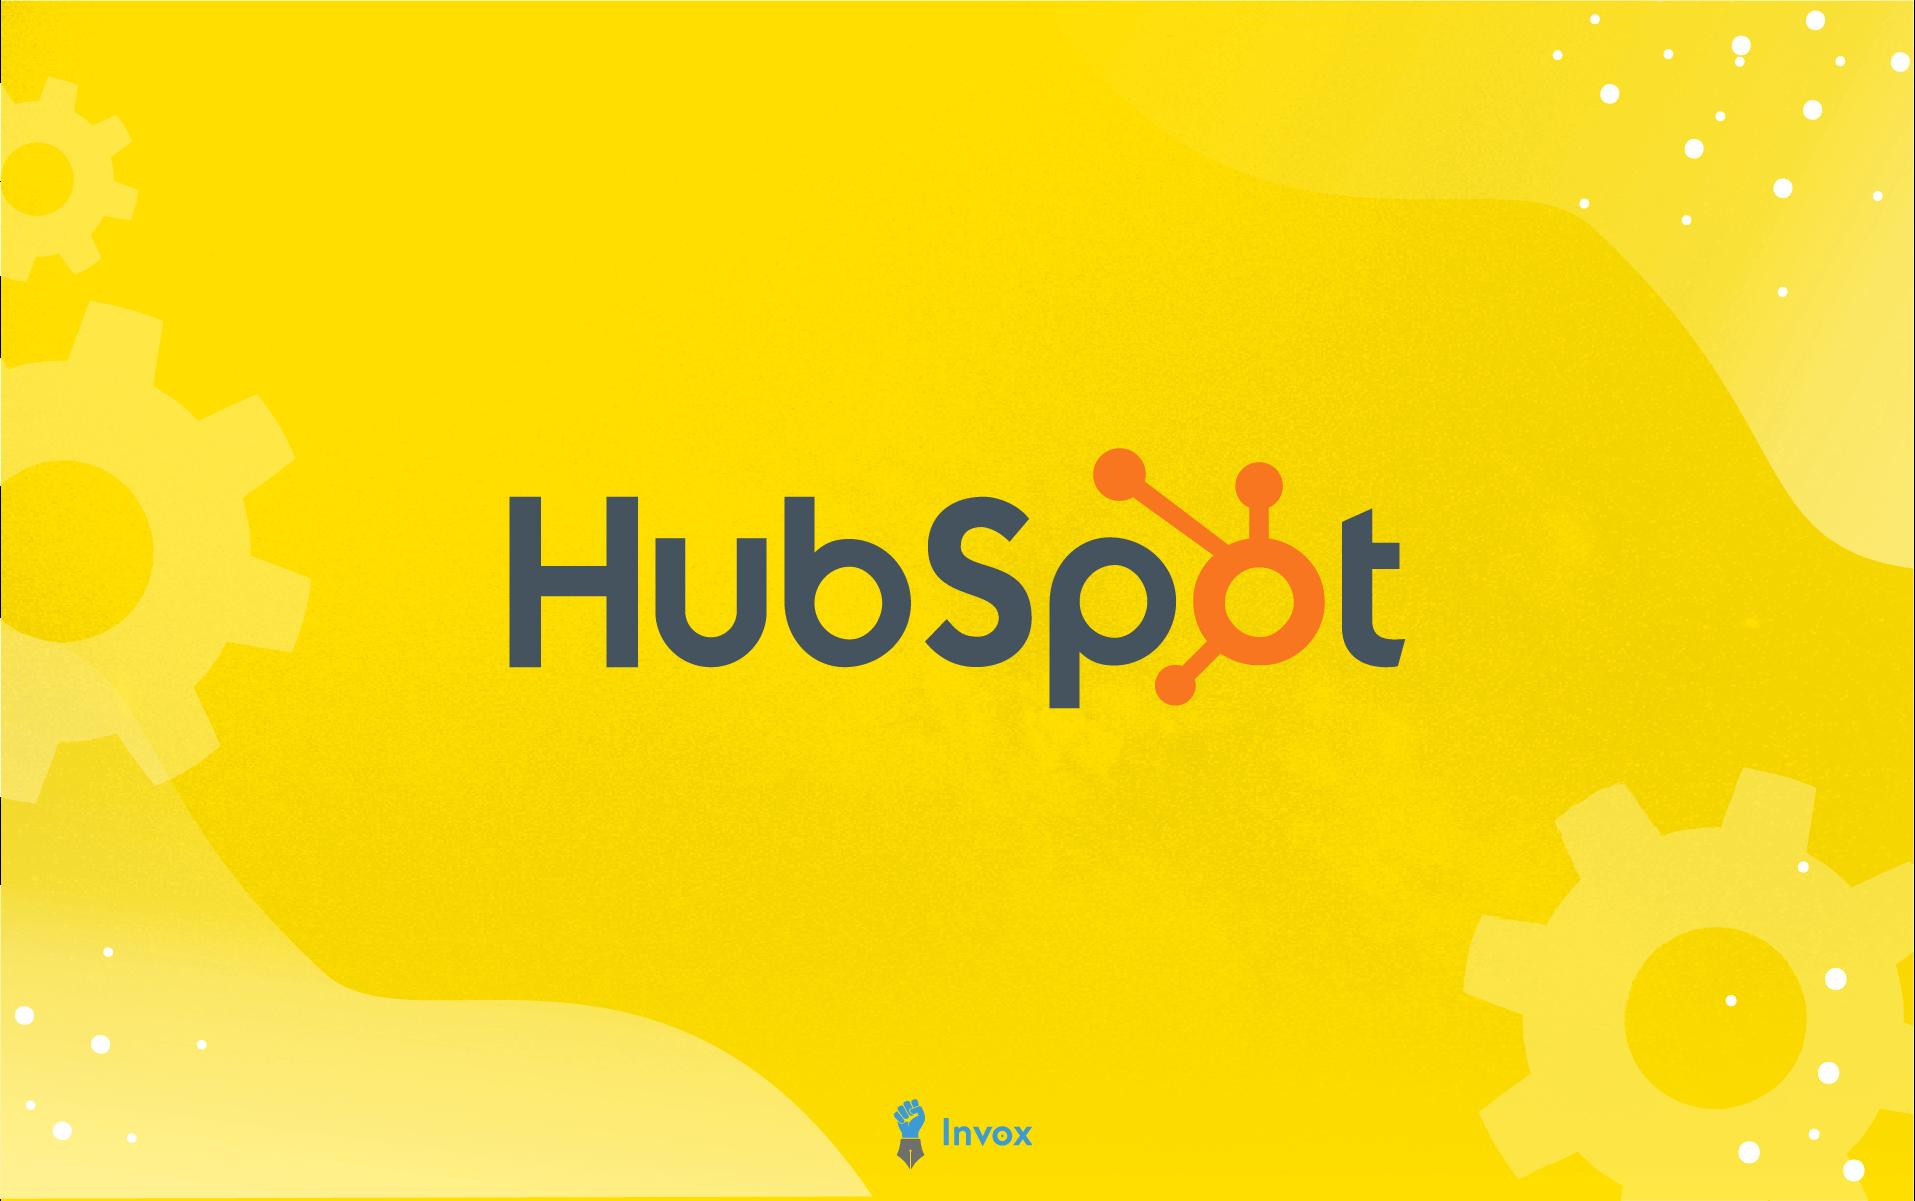 What's Hub ? Les mises à jour Hubspot de l'automne 2020